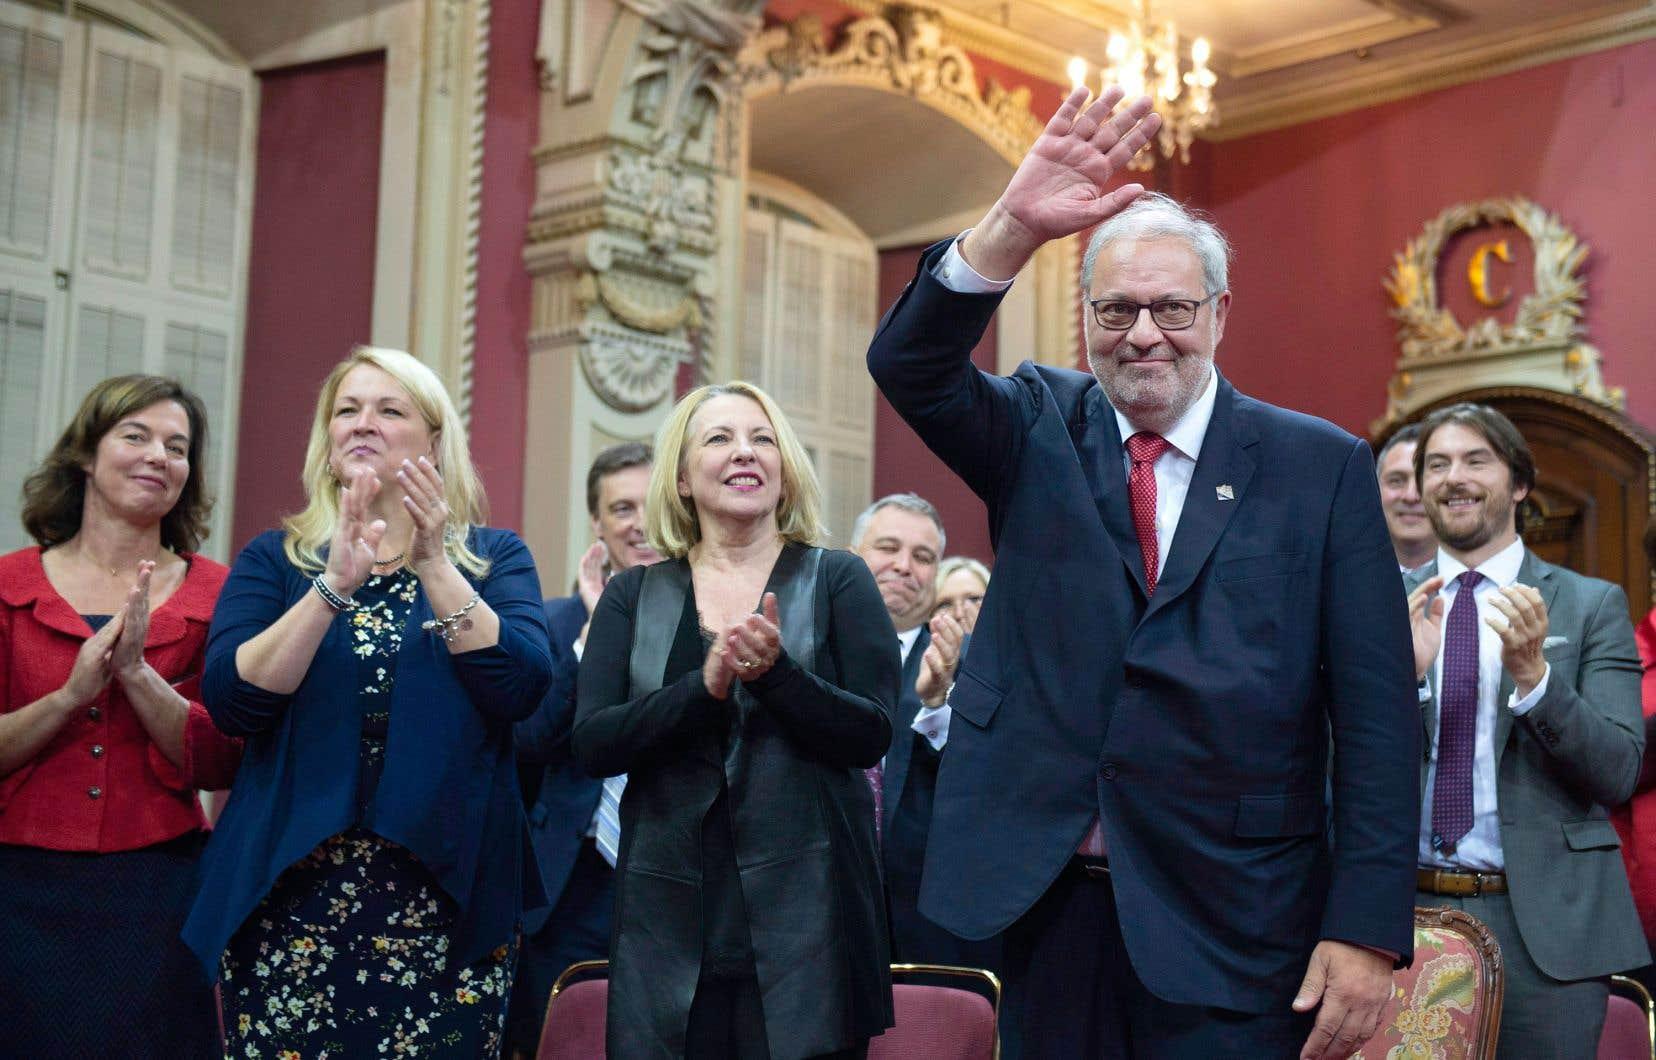 Pierre Arcand a salué les partisans du PLQ à l'occasion de l'assermention des députés libéraux, lundi, à l'Assemblée nationale.